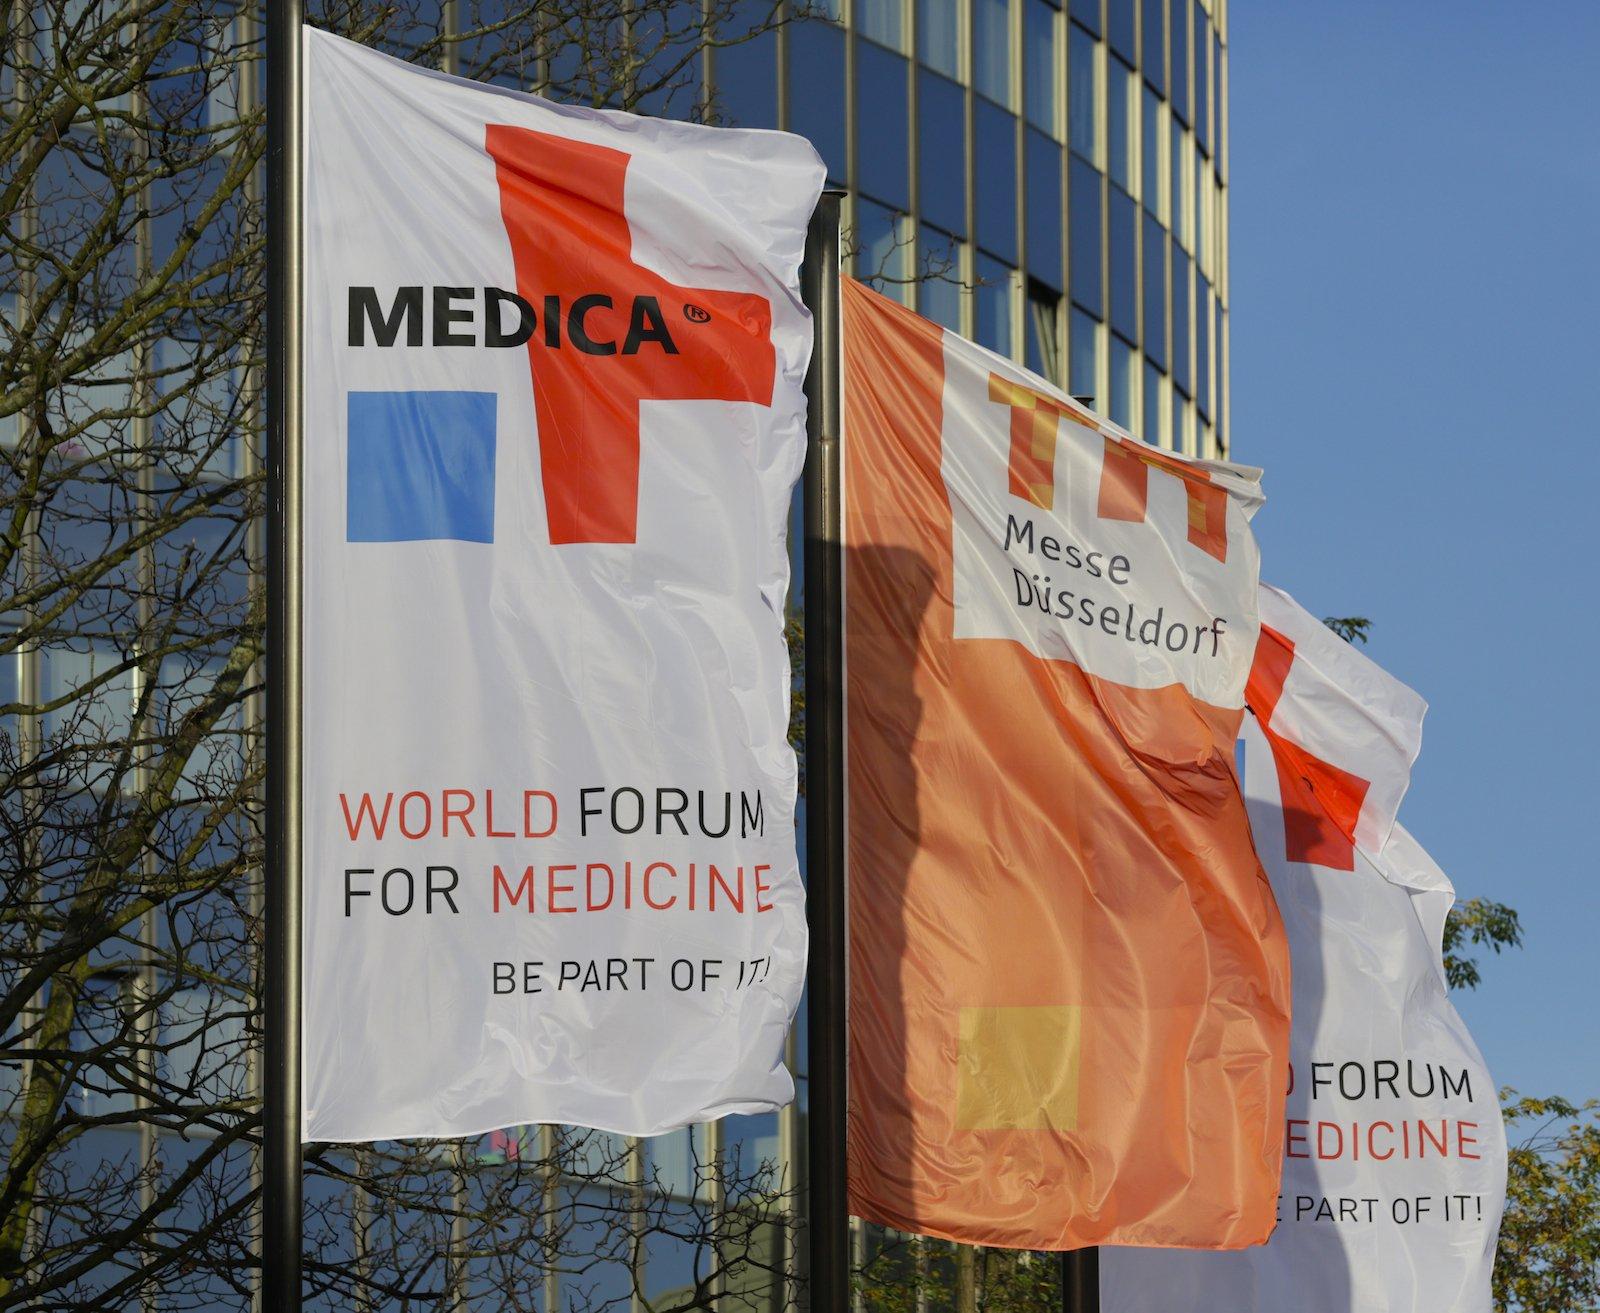 Auf der Medica präsentieren 4952 Aussteller aus 70 Nationen ihre Innovationen und Weiterentwicklungen auf einer Ausstellungsfläche von rund 116.000 m2.